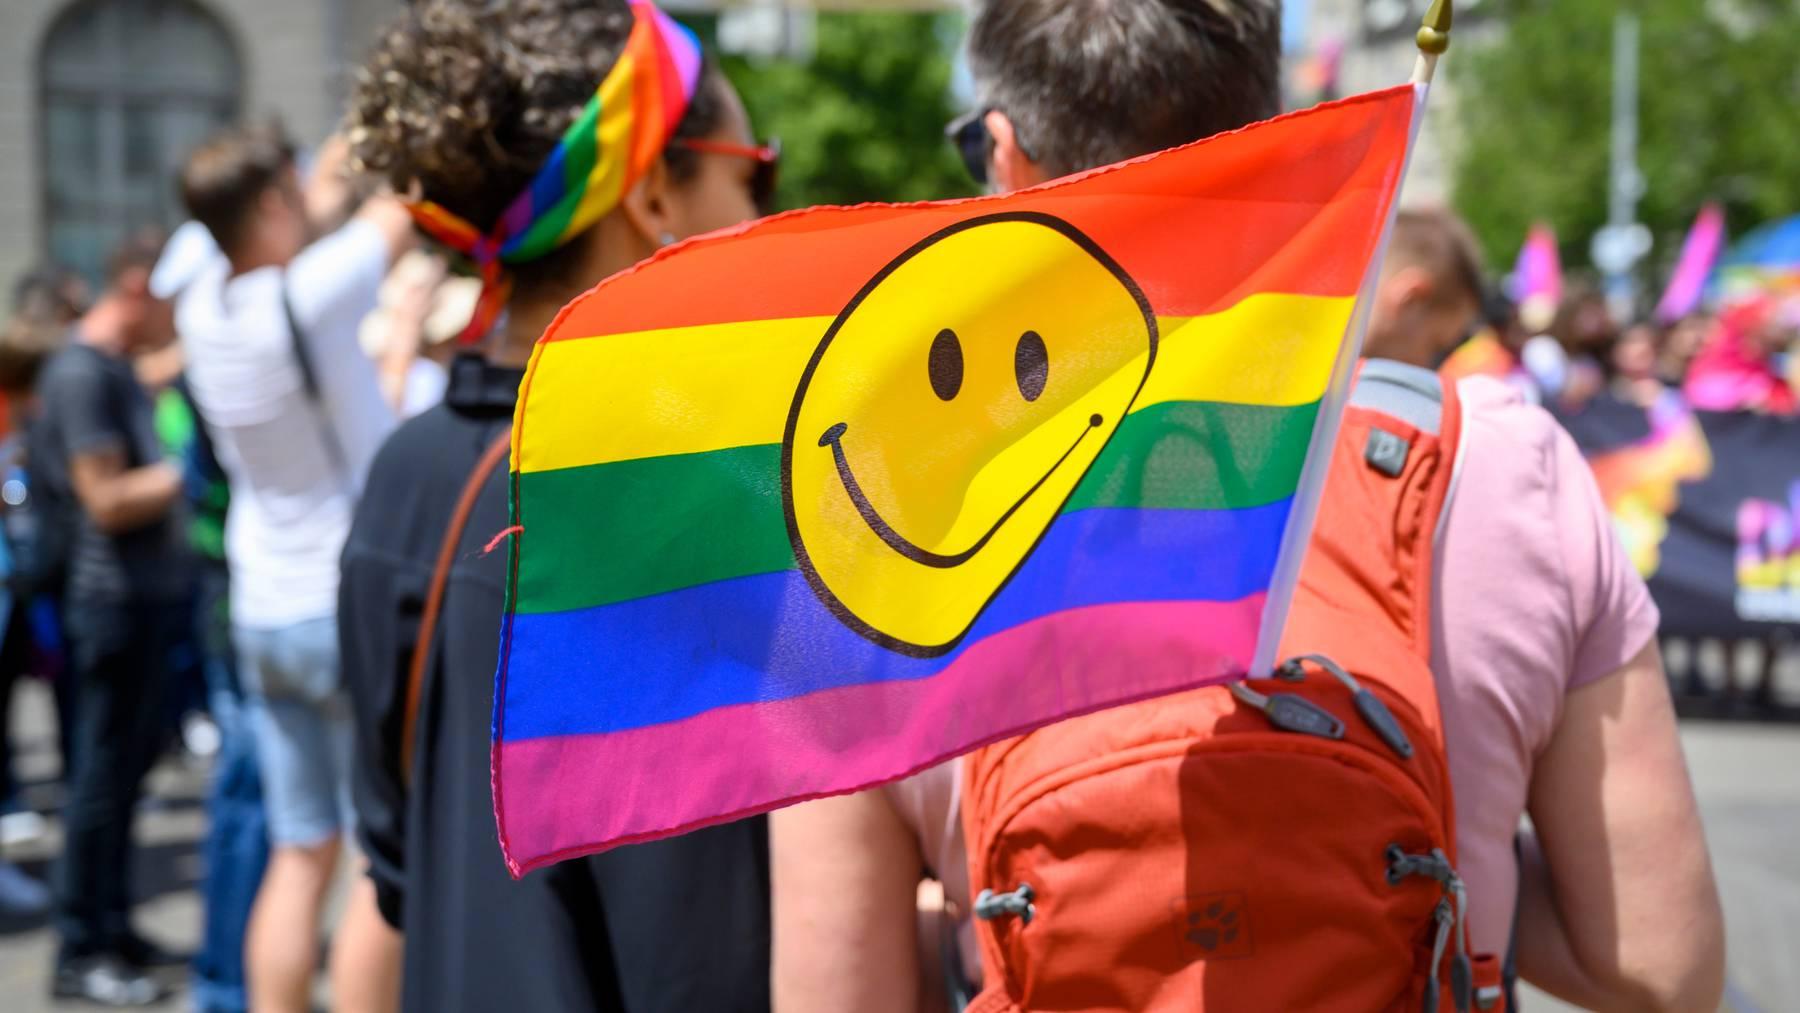 Am 9. Februar 2020 stimmte die Schweizer Bevölkerung für mehr Schutz für Homosexuelle. (Symbolbild)